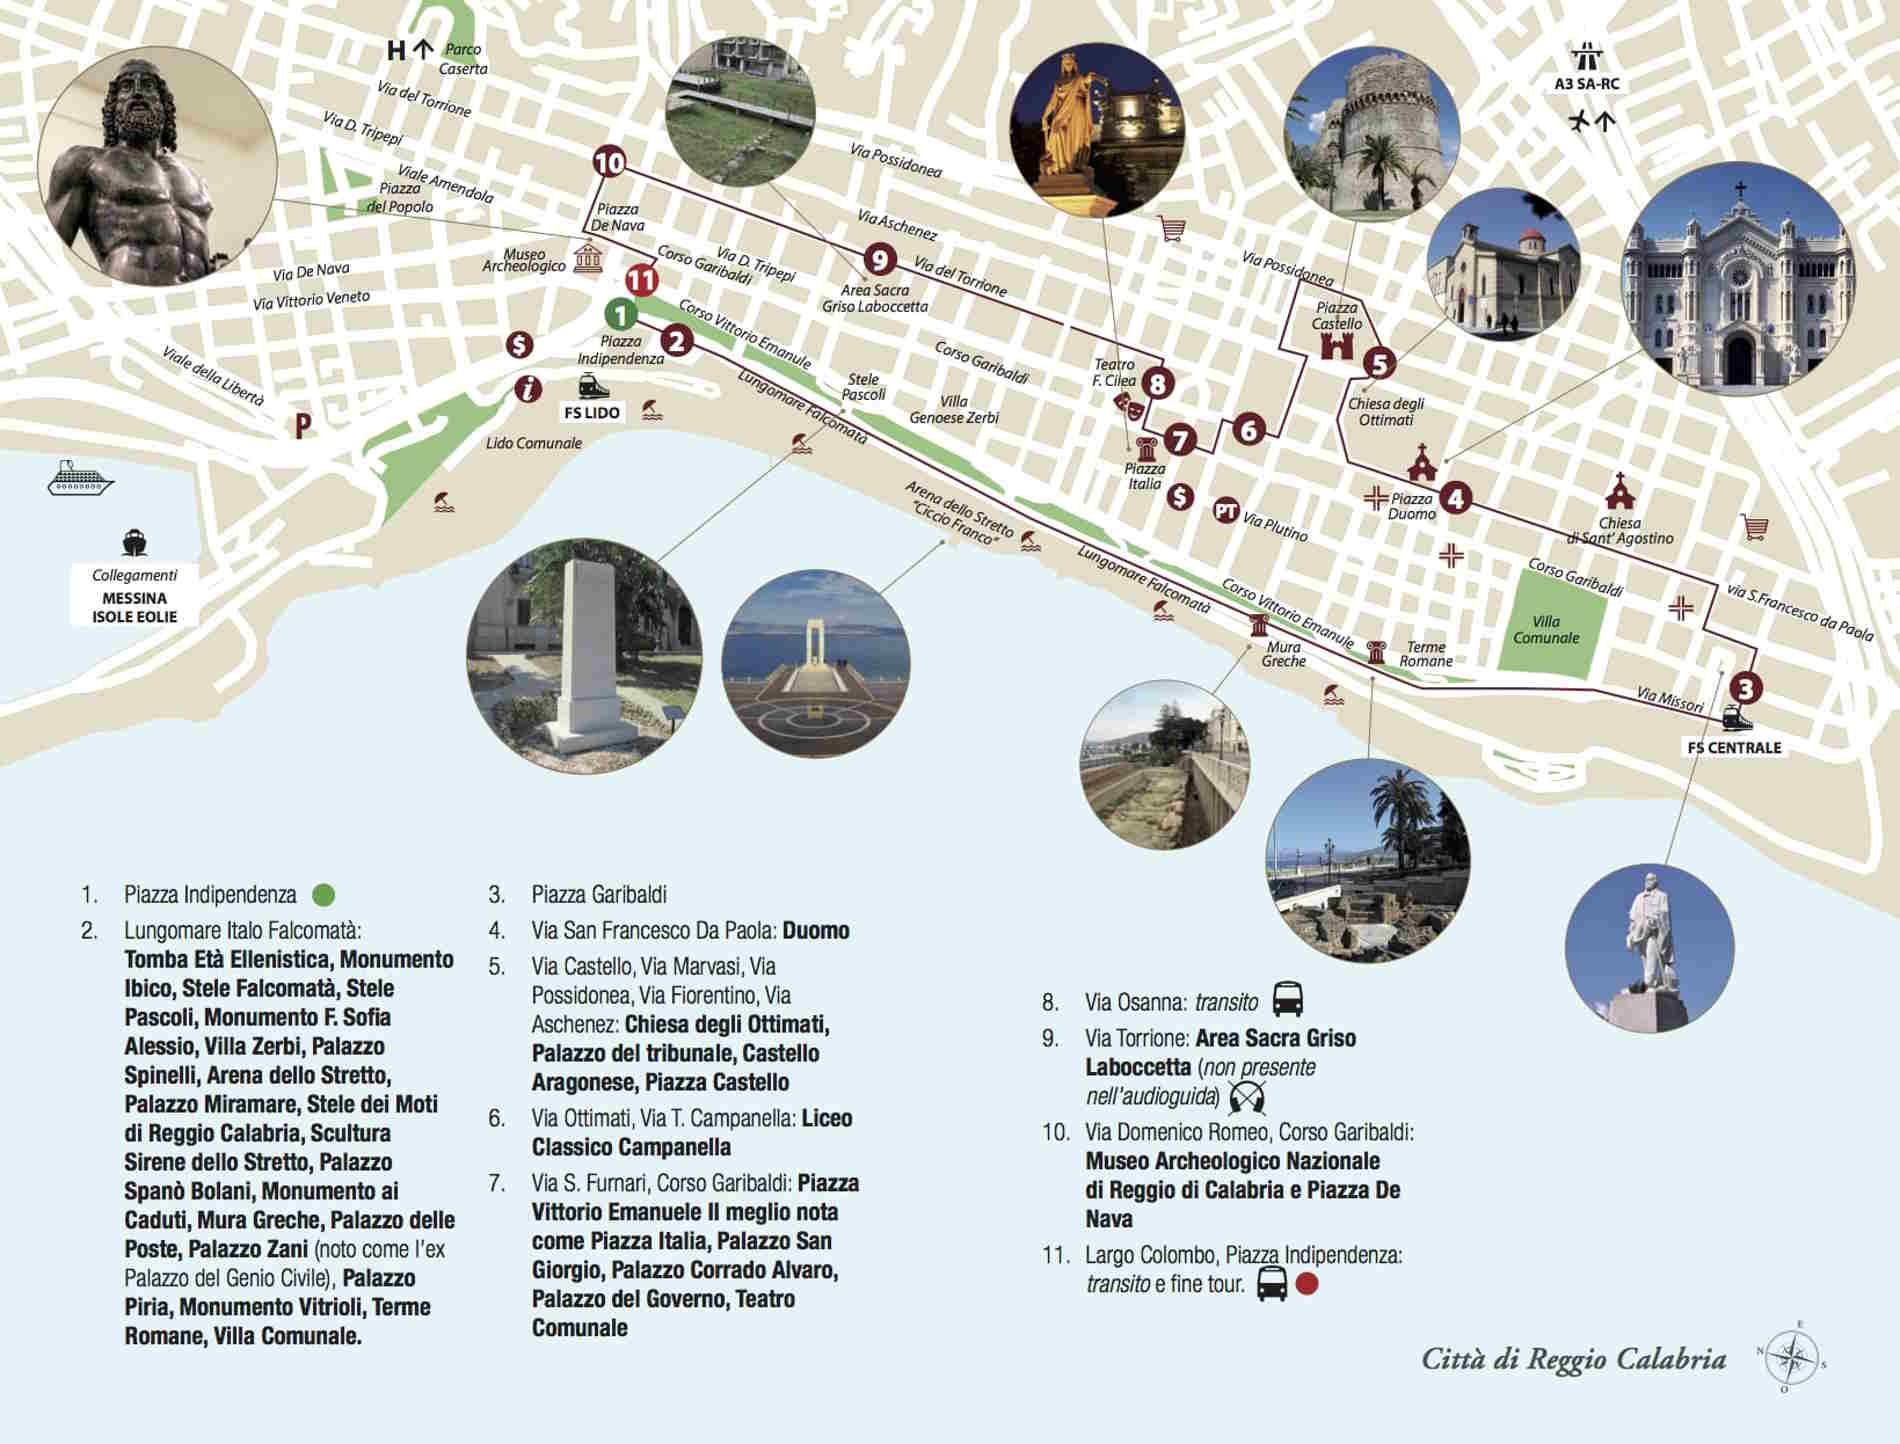 Lungomare Falcomatà di Reggio Calabria Mappa turistica del centro di Reggio Calabria fonte web